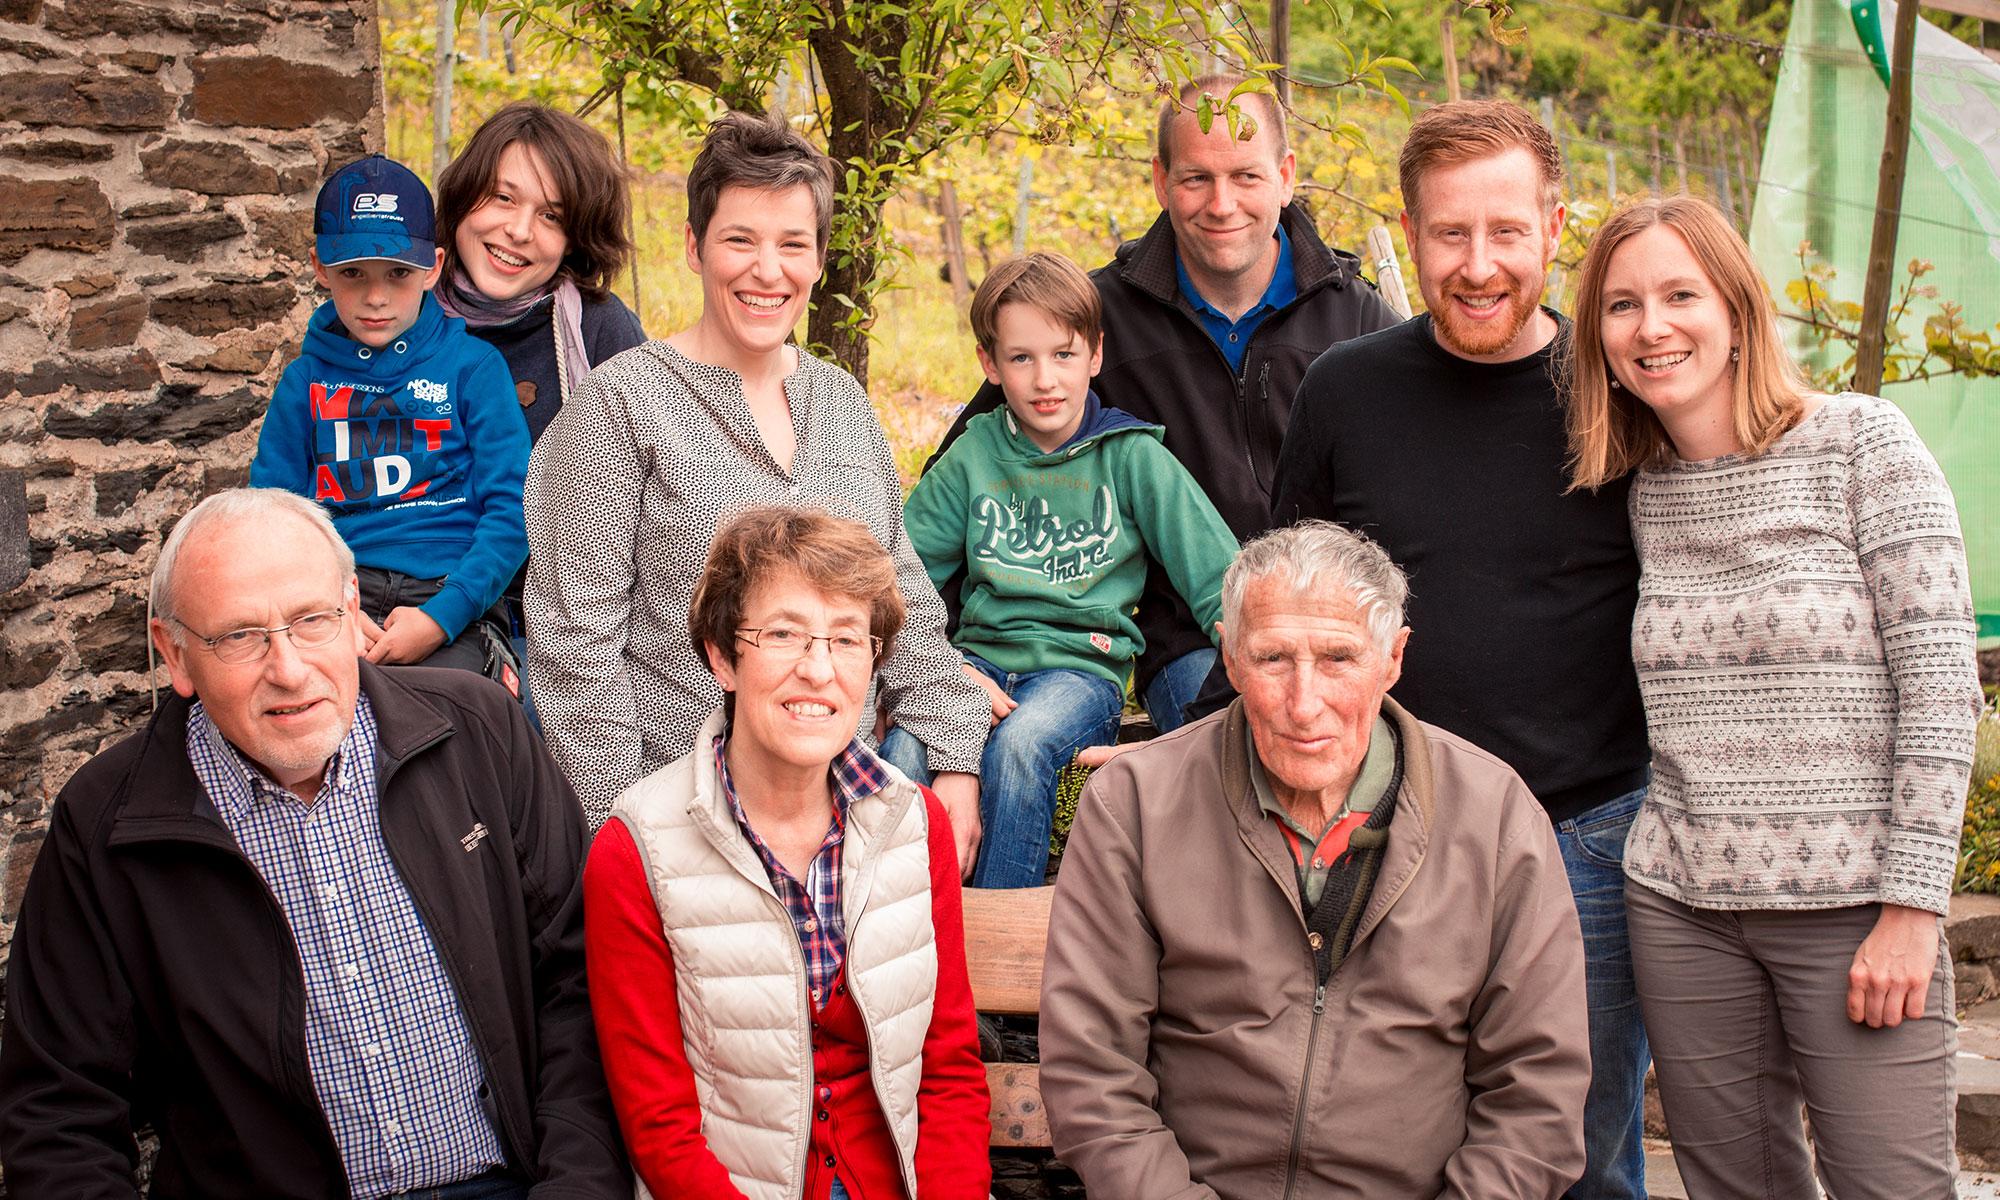 Familie Loescher Erben in Senheim an der Mosel